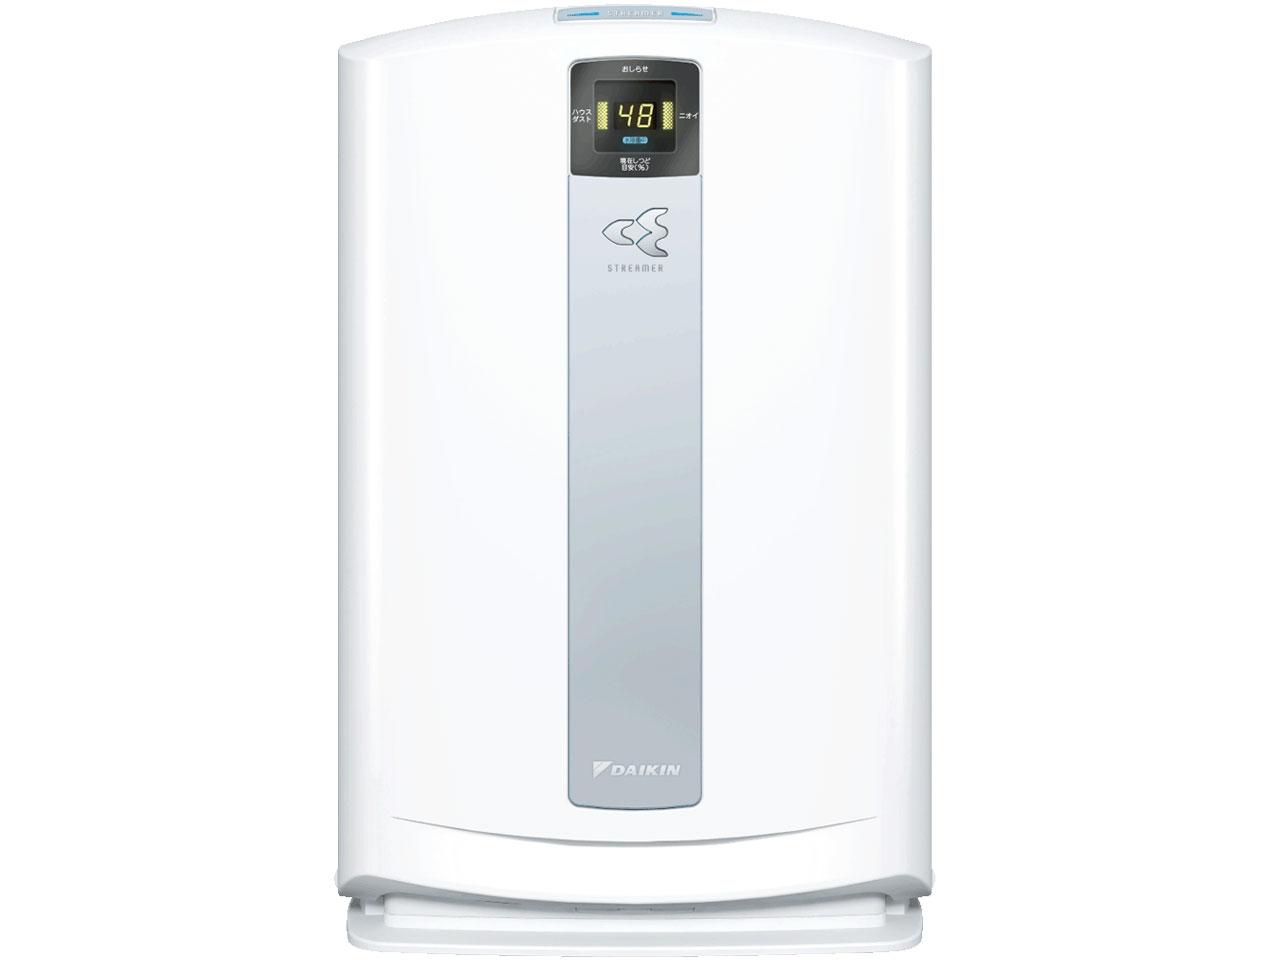 TCK70P-W [ホワイト] の製品画像